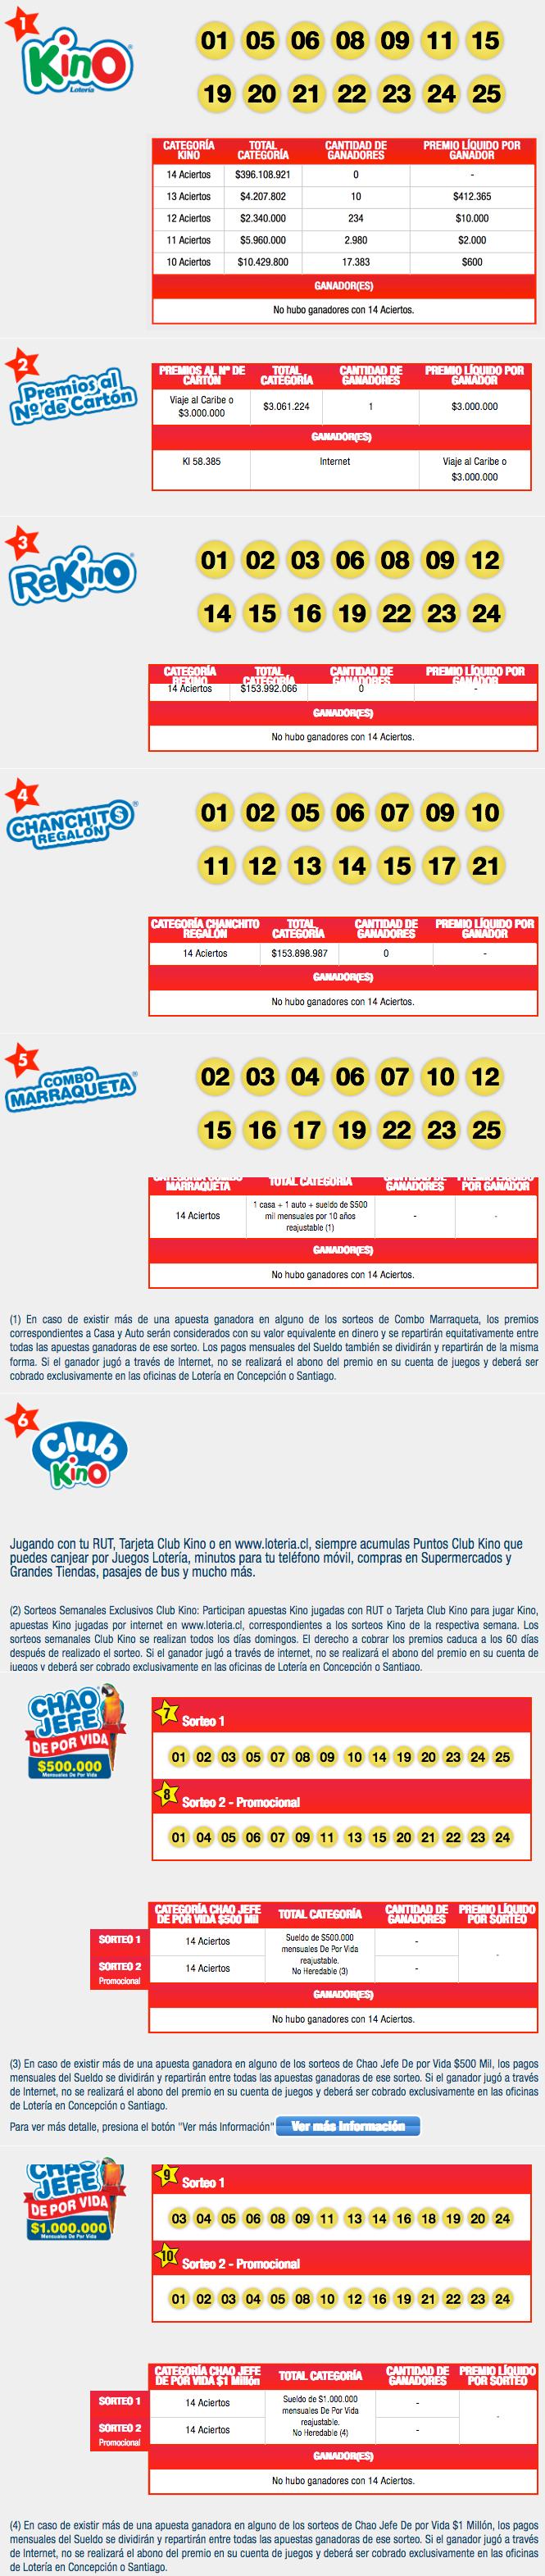 Resultados Kino Chile Sorteo 2162